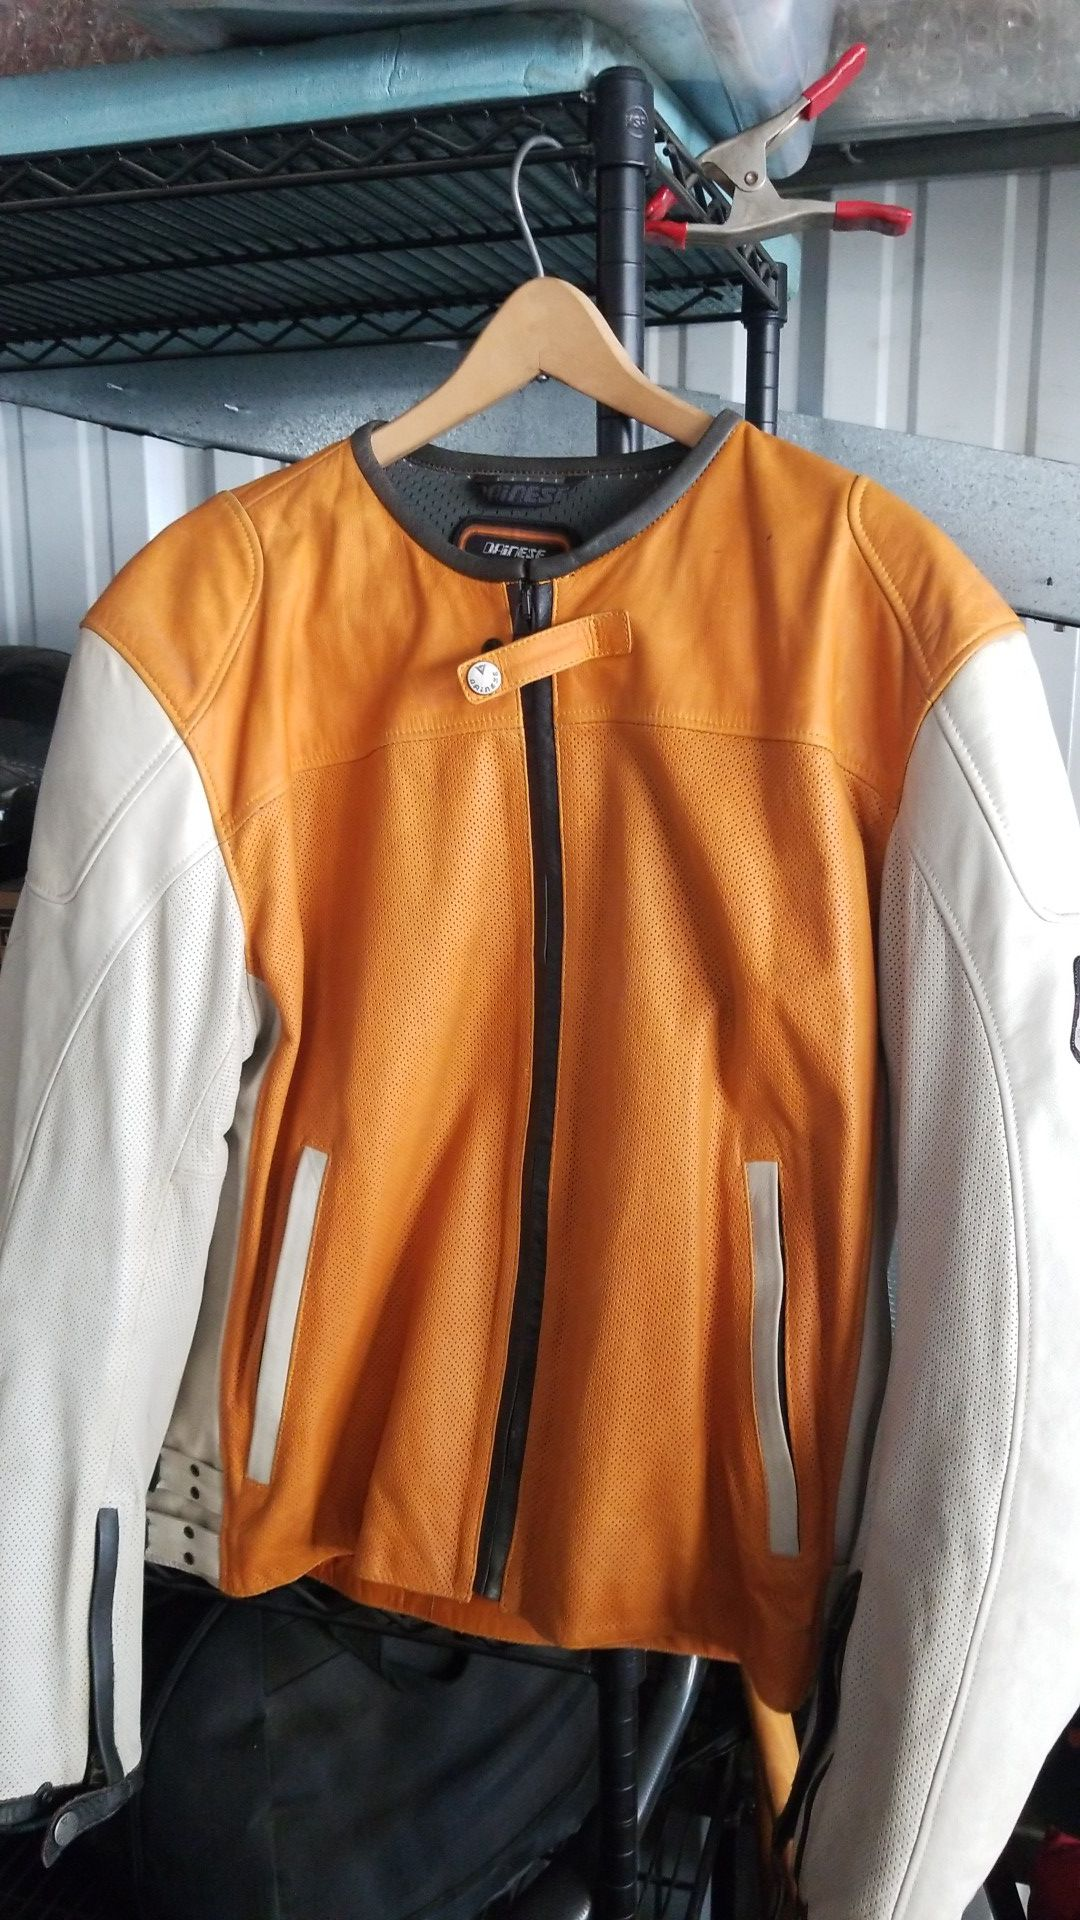 Dainese 72 jacket size 60